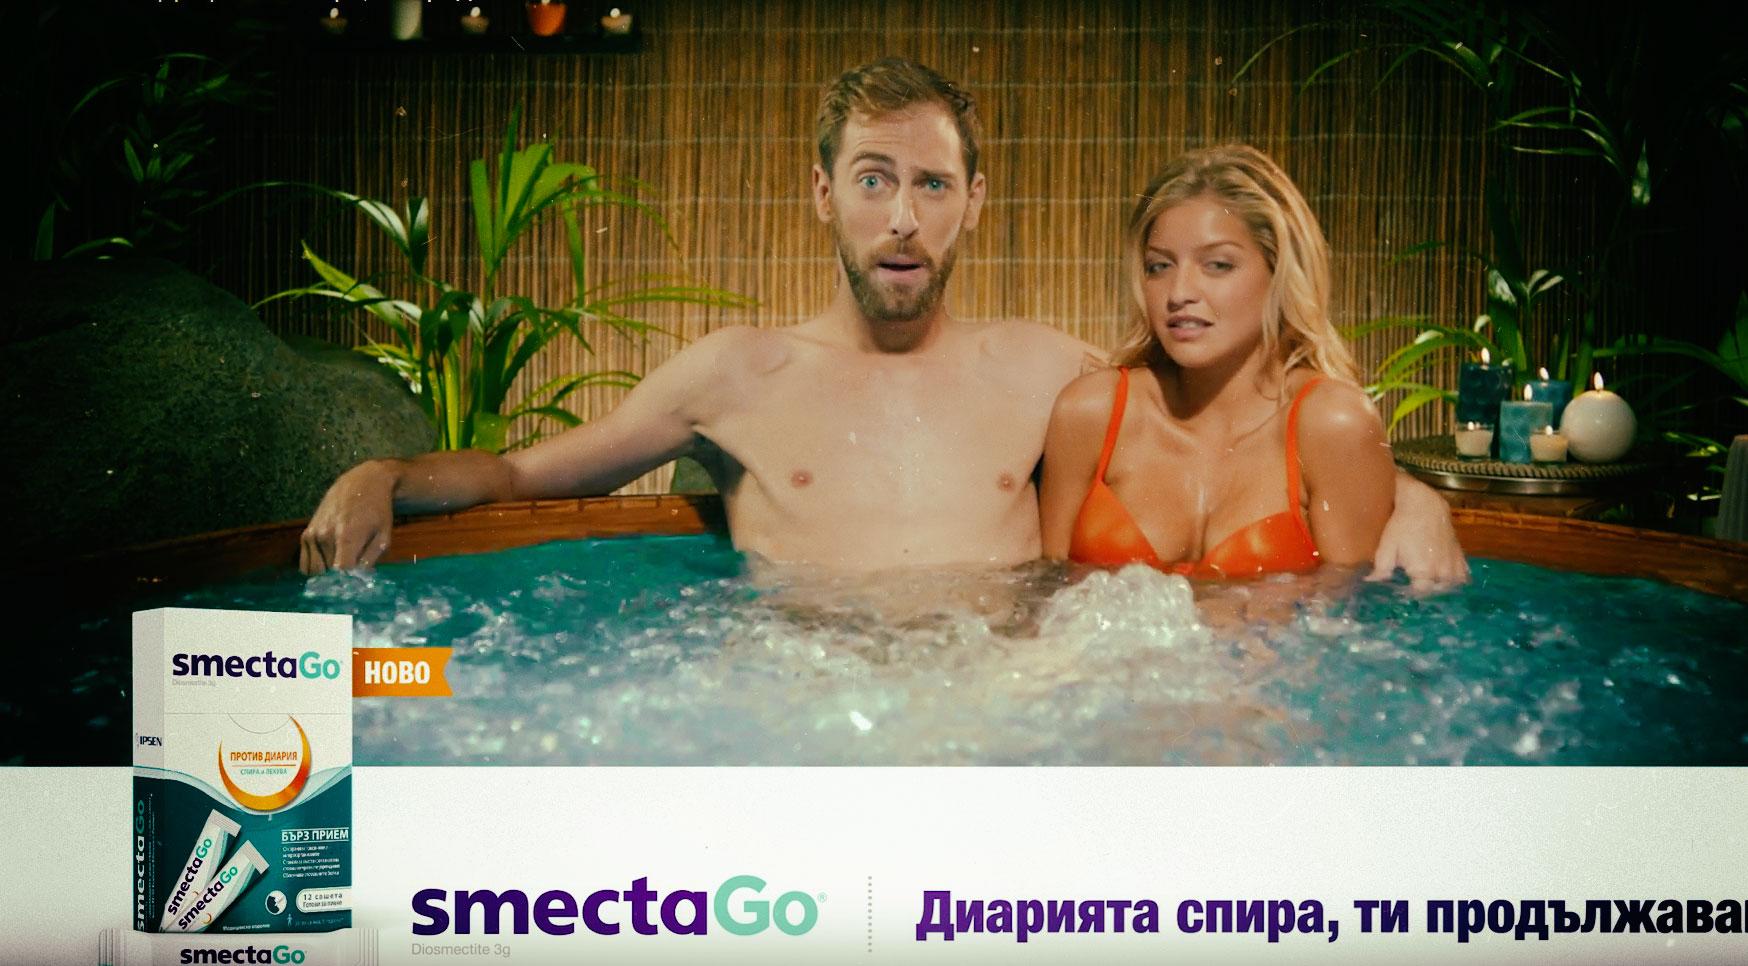 SmectaGo